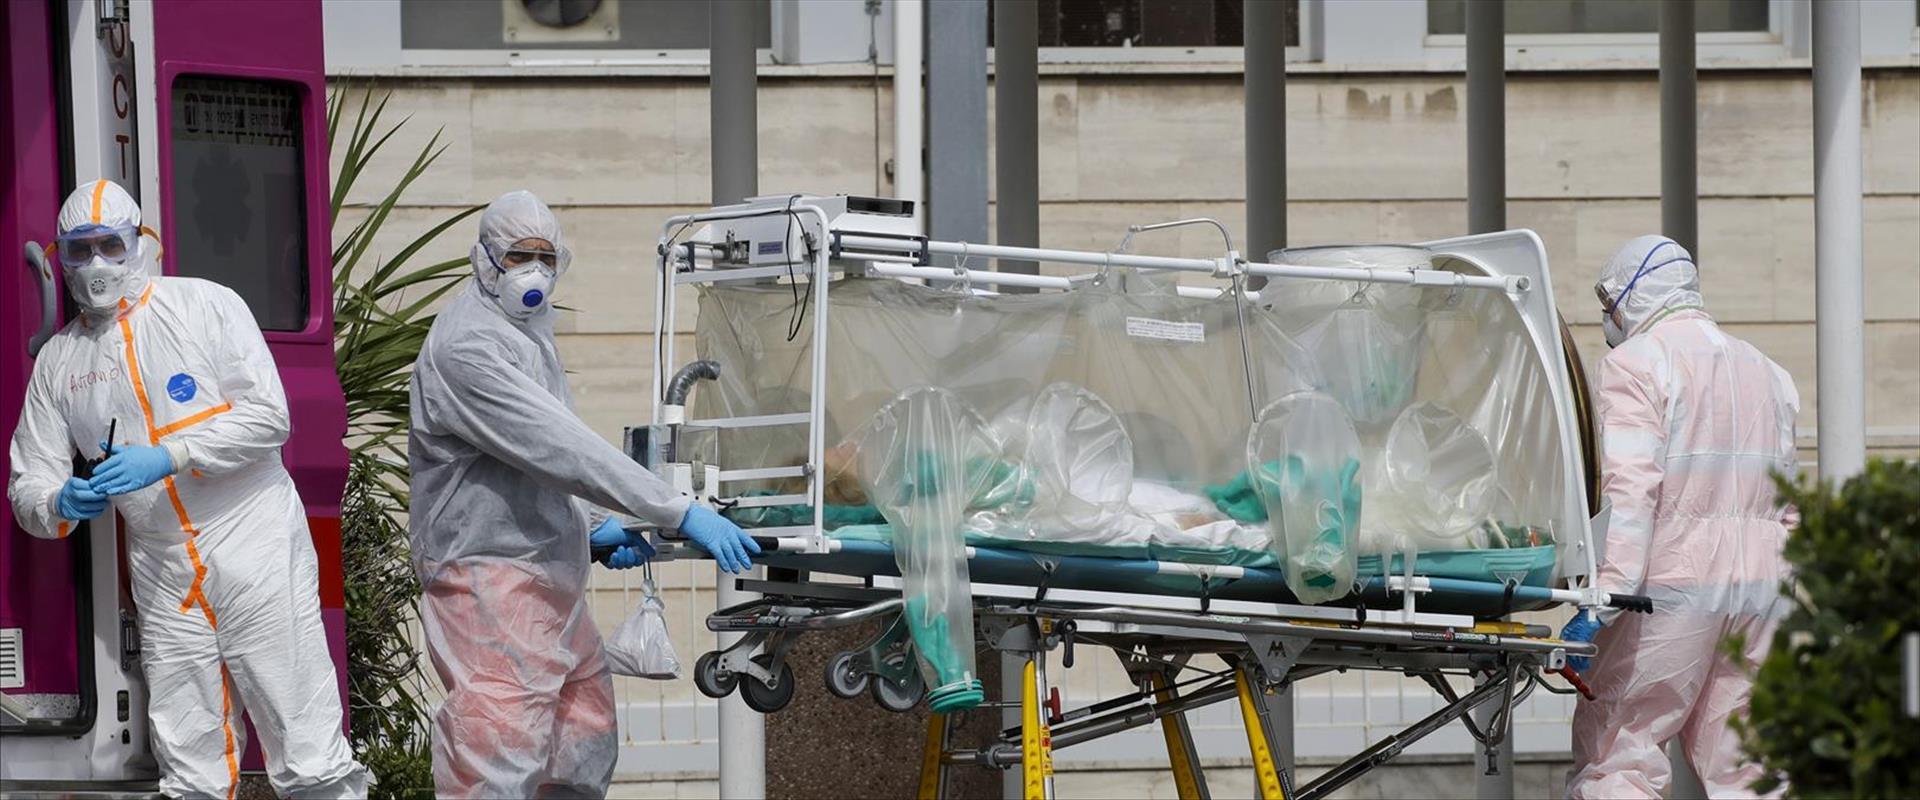 חולה מועבר לבית חולים ברומא ביחידת אכלוס מבודדת, ה